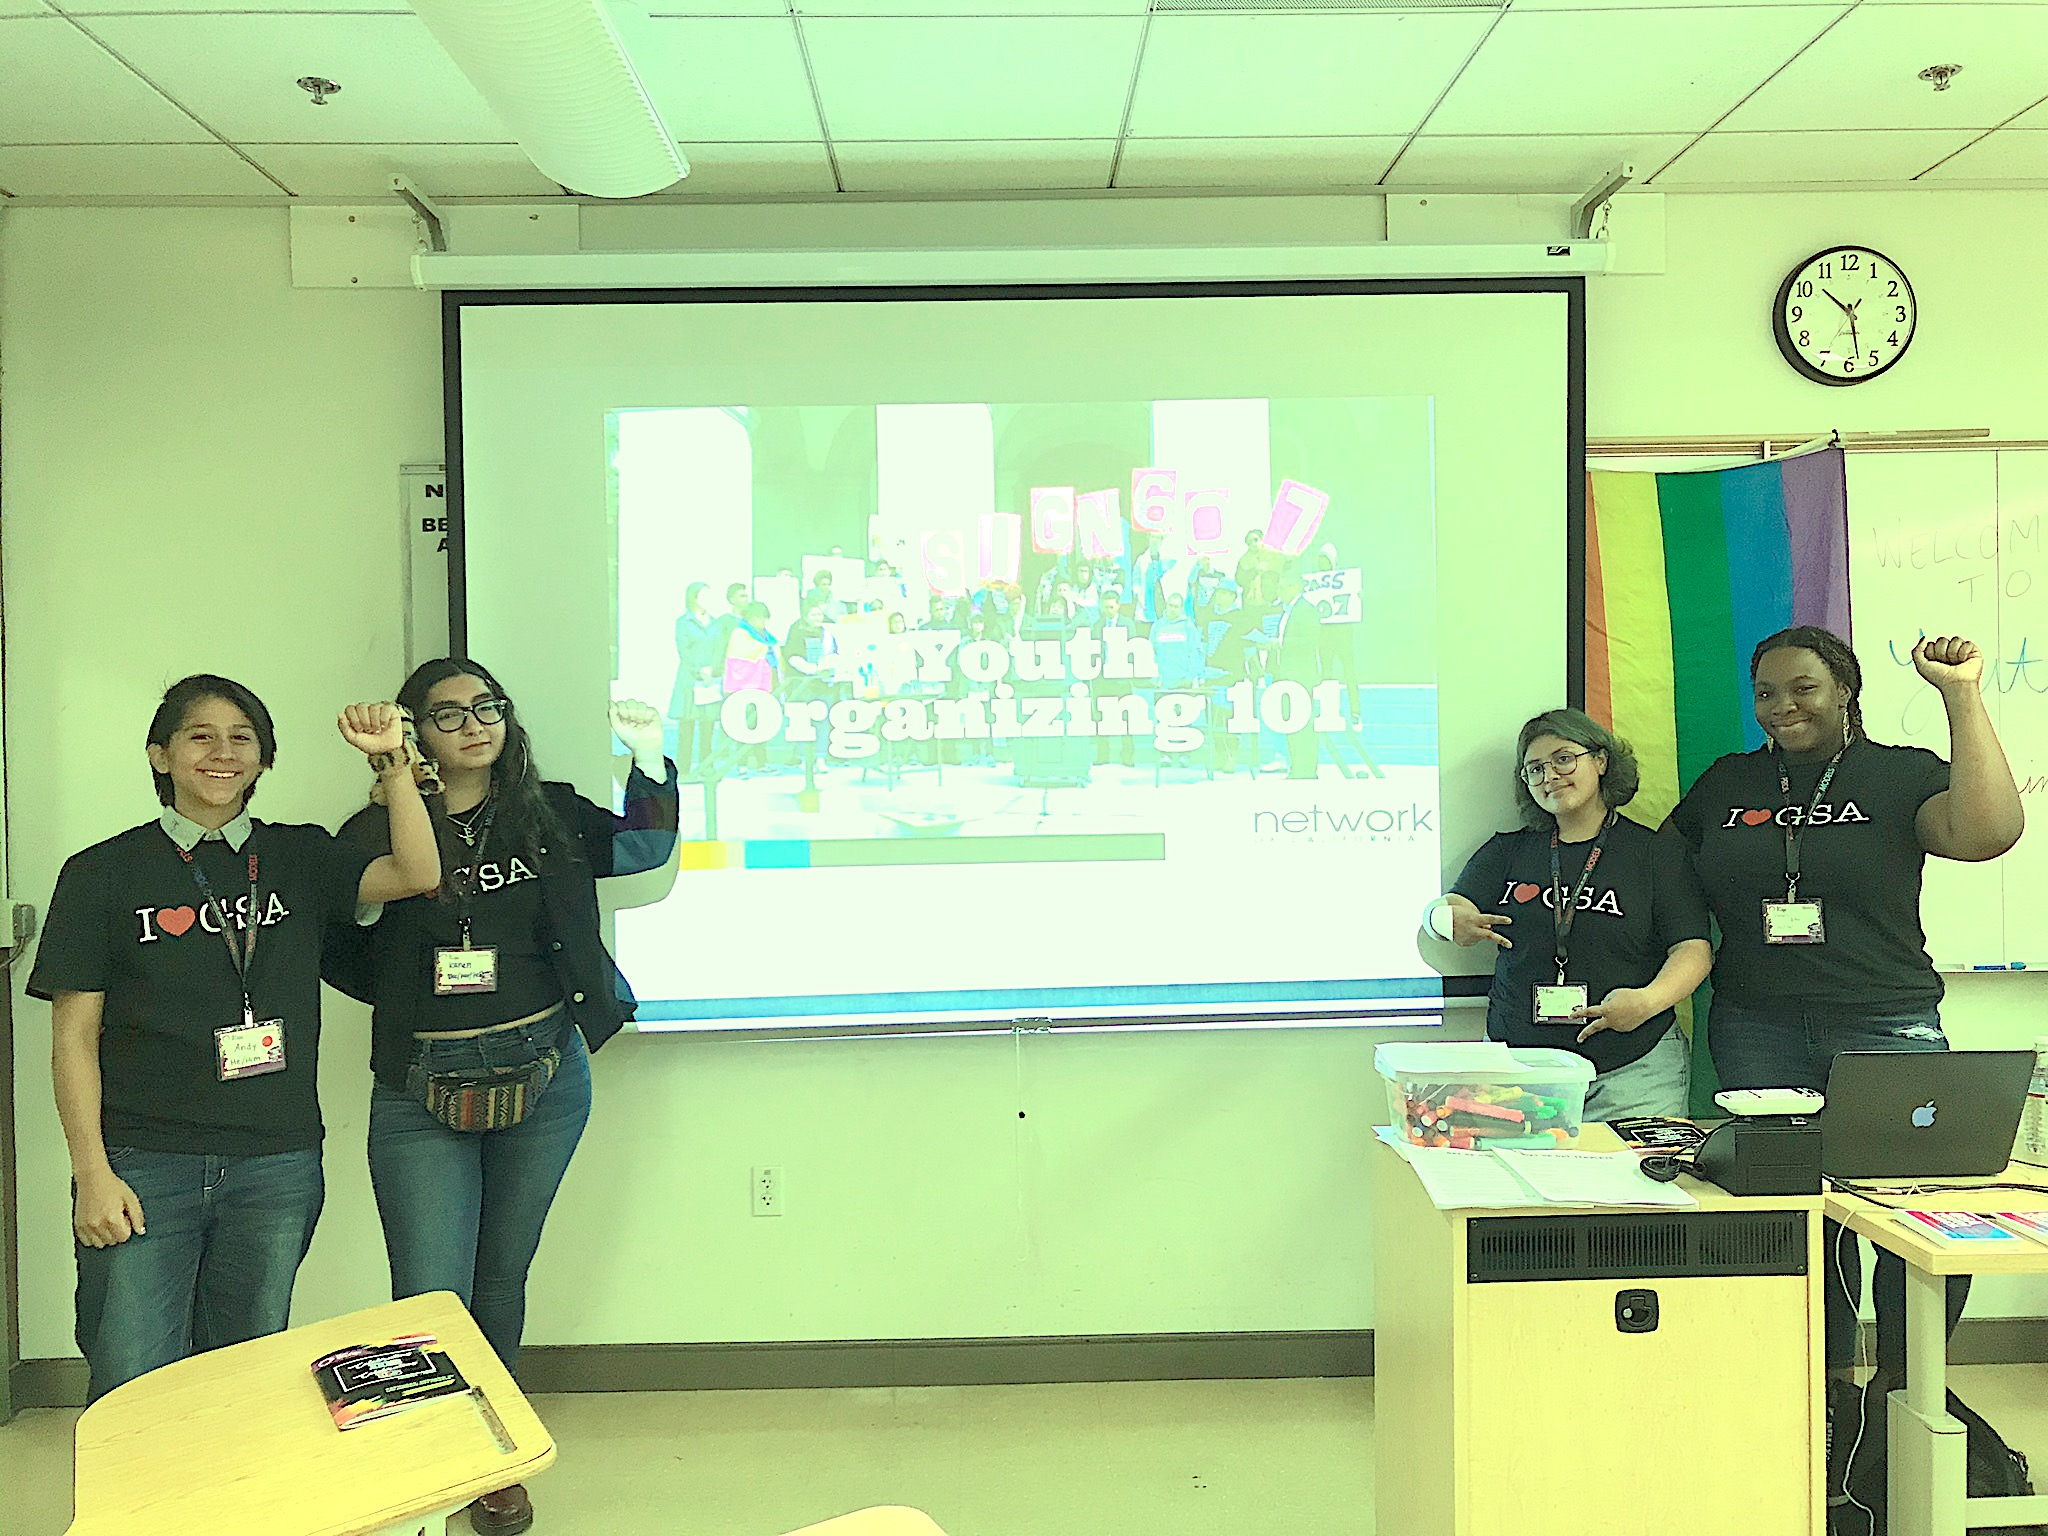 LGBTQ youth lead organizing workshop